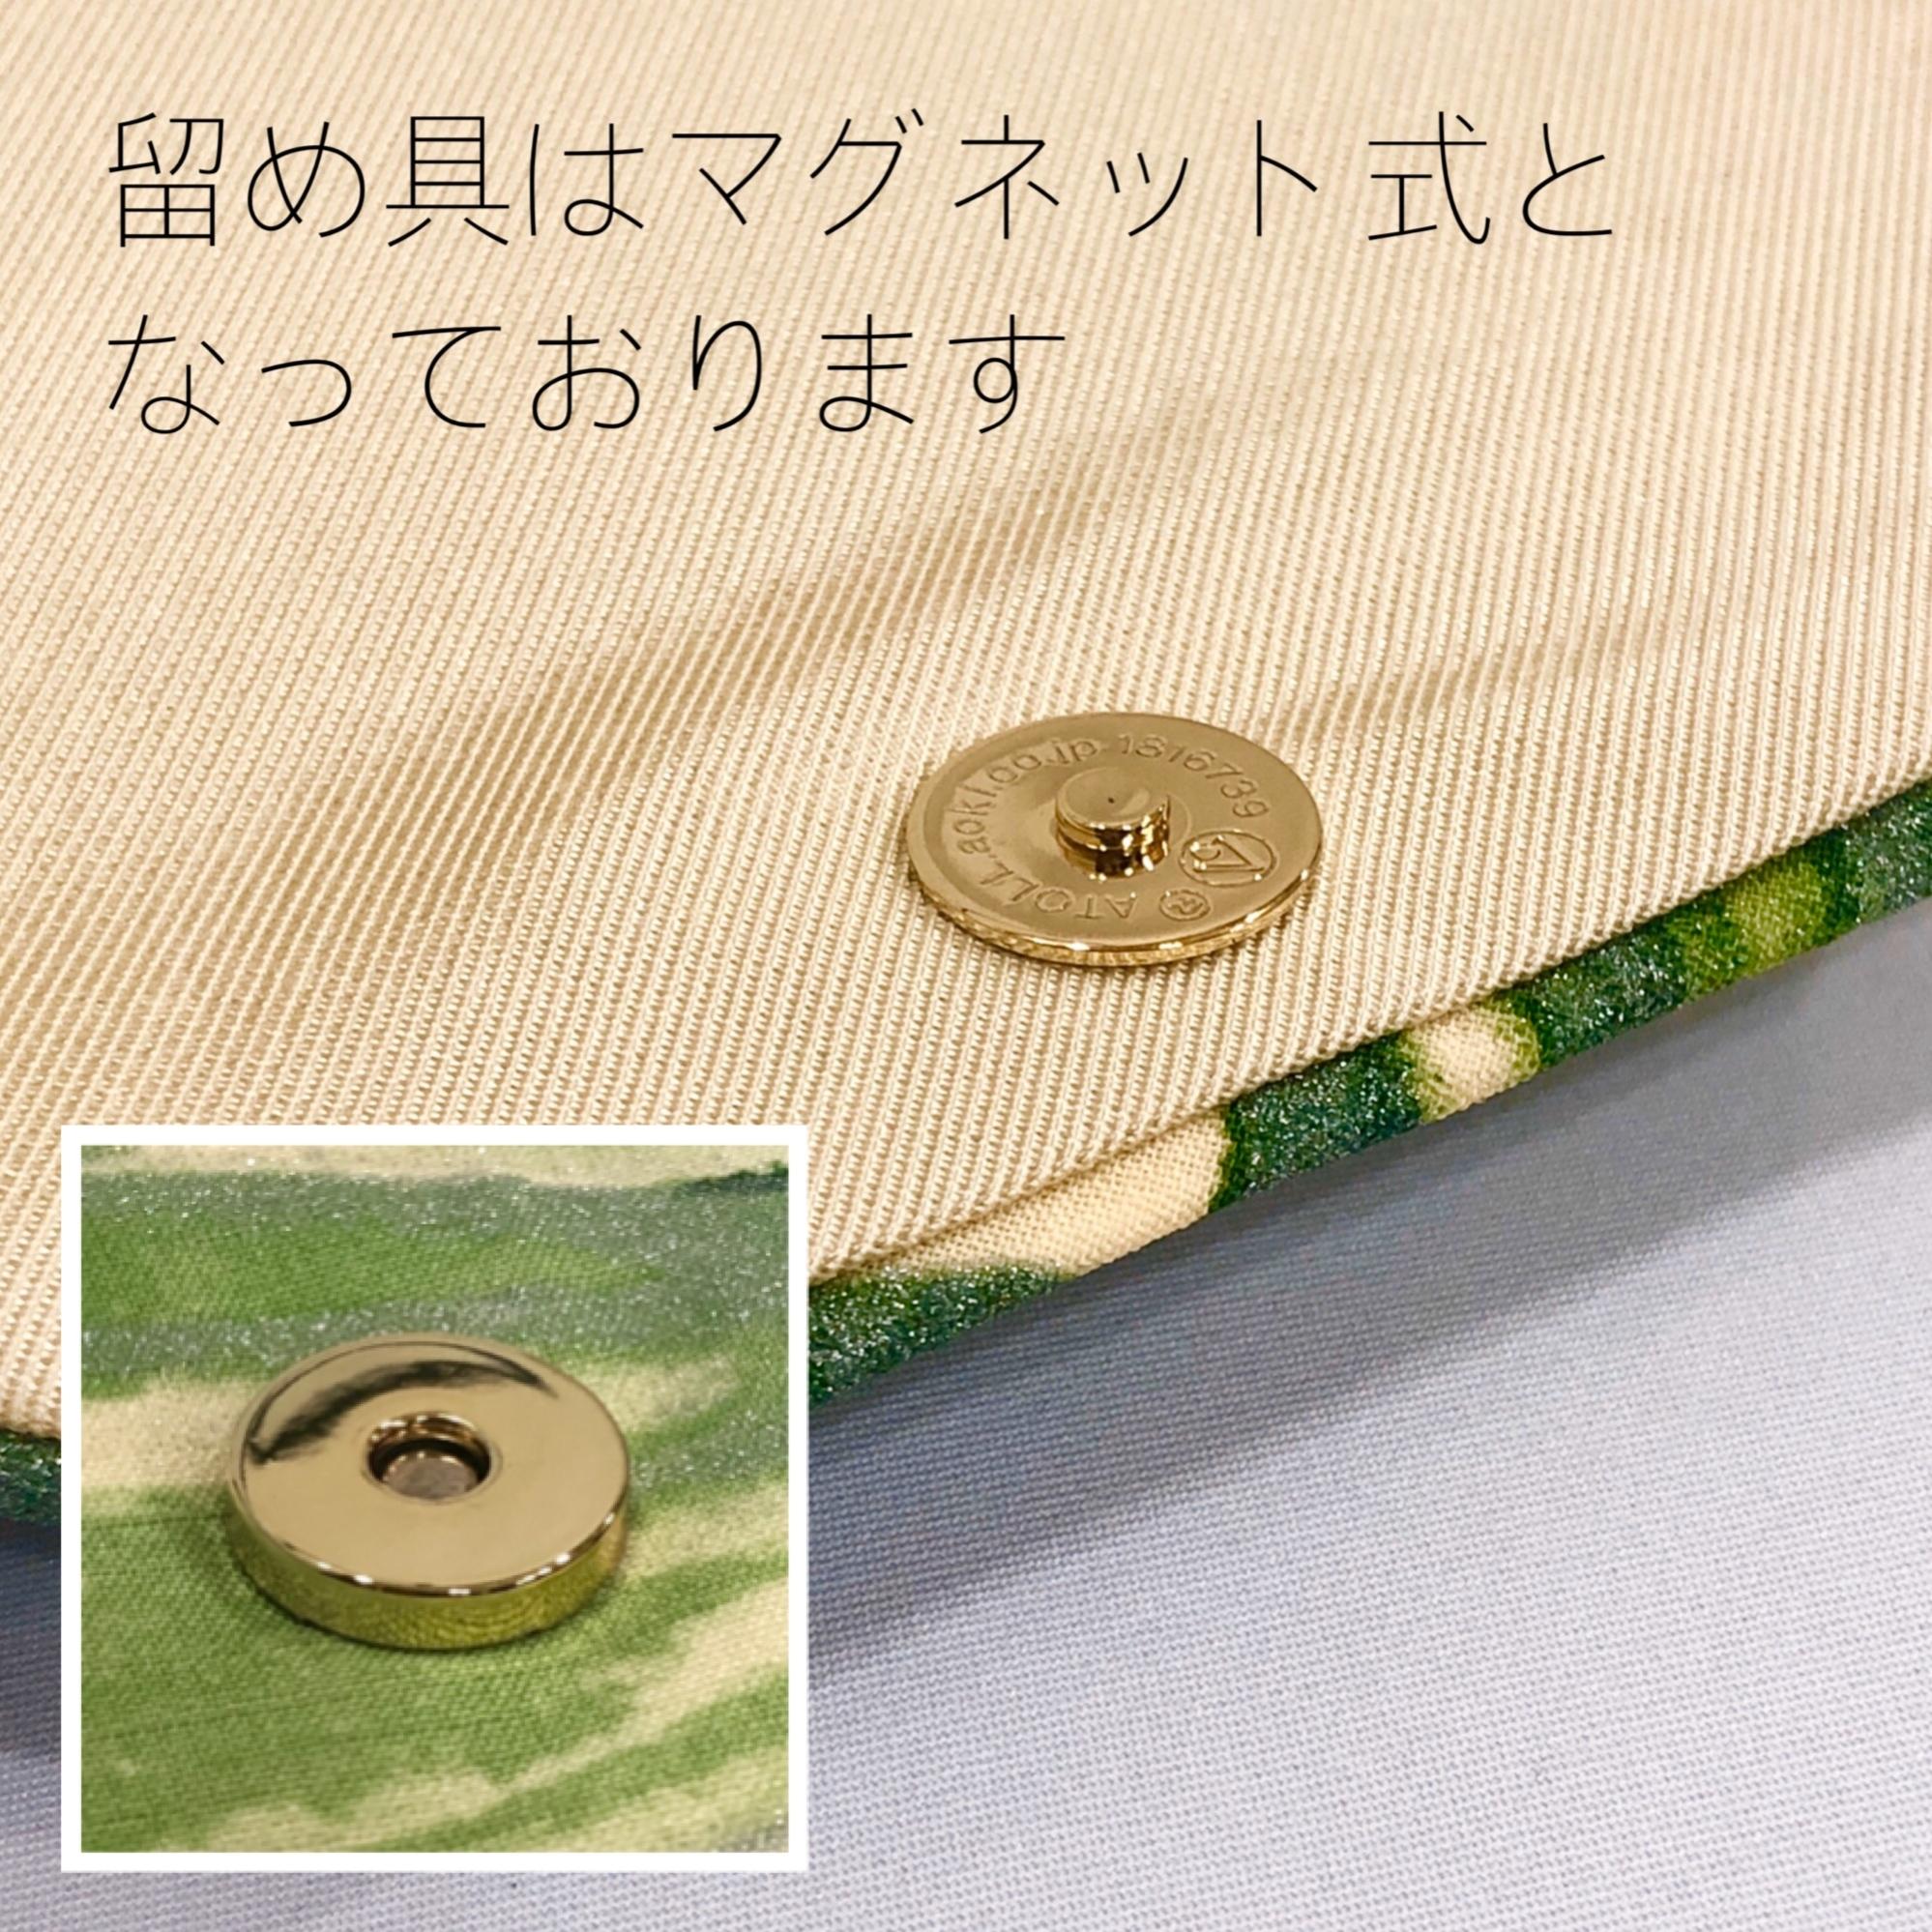 【限定品】数寄屋袋(西陣織・八達暈錦柄/No.1)